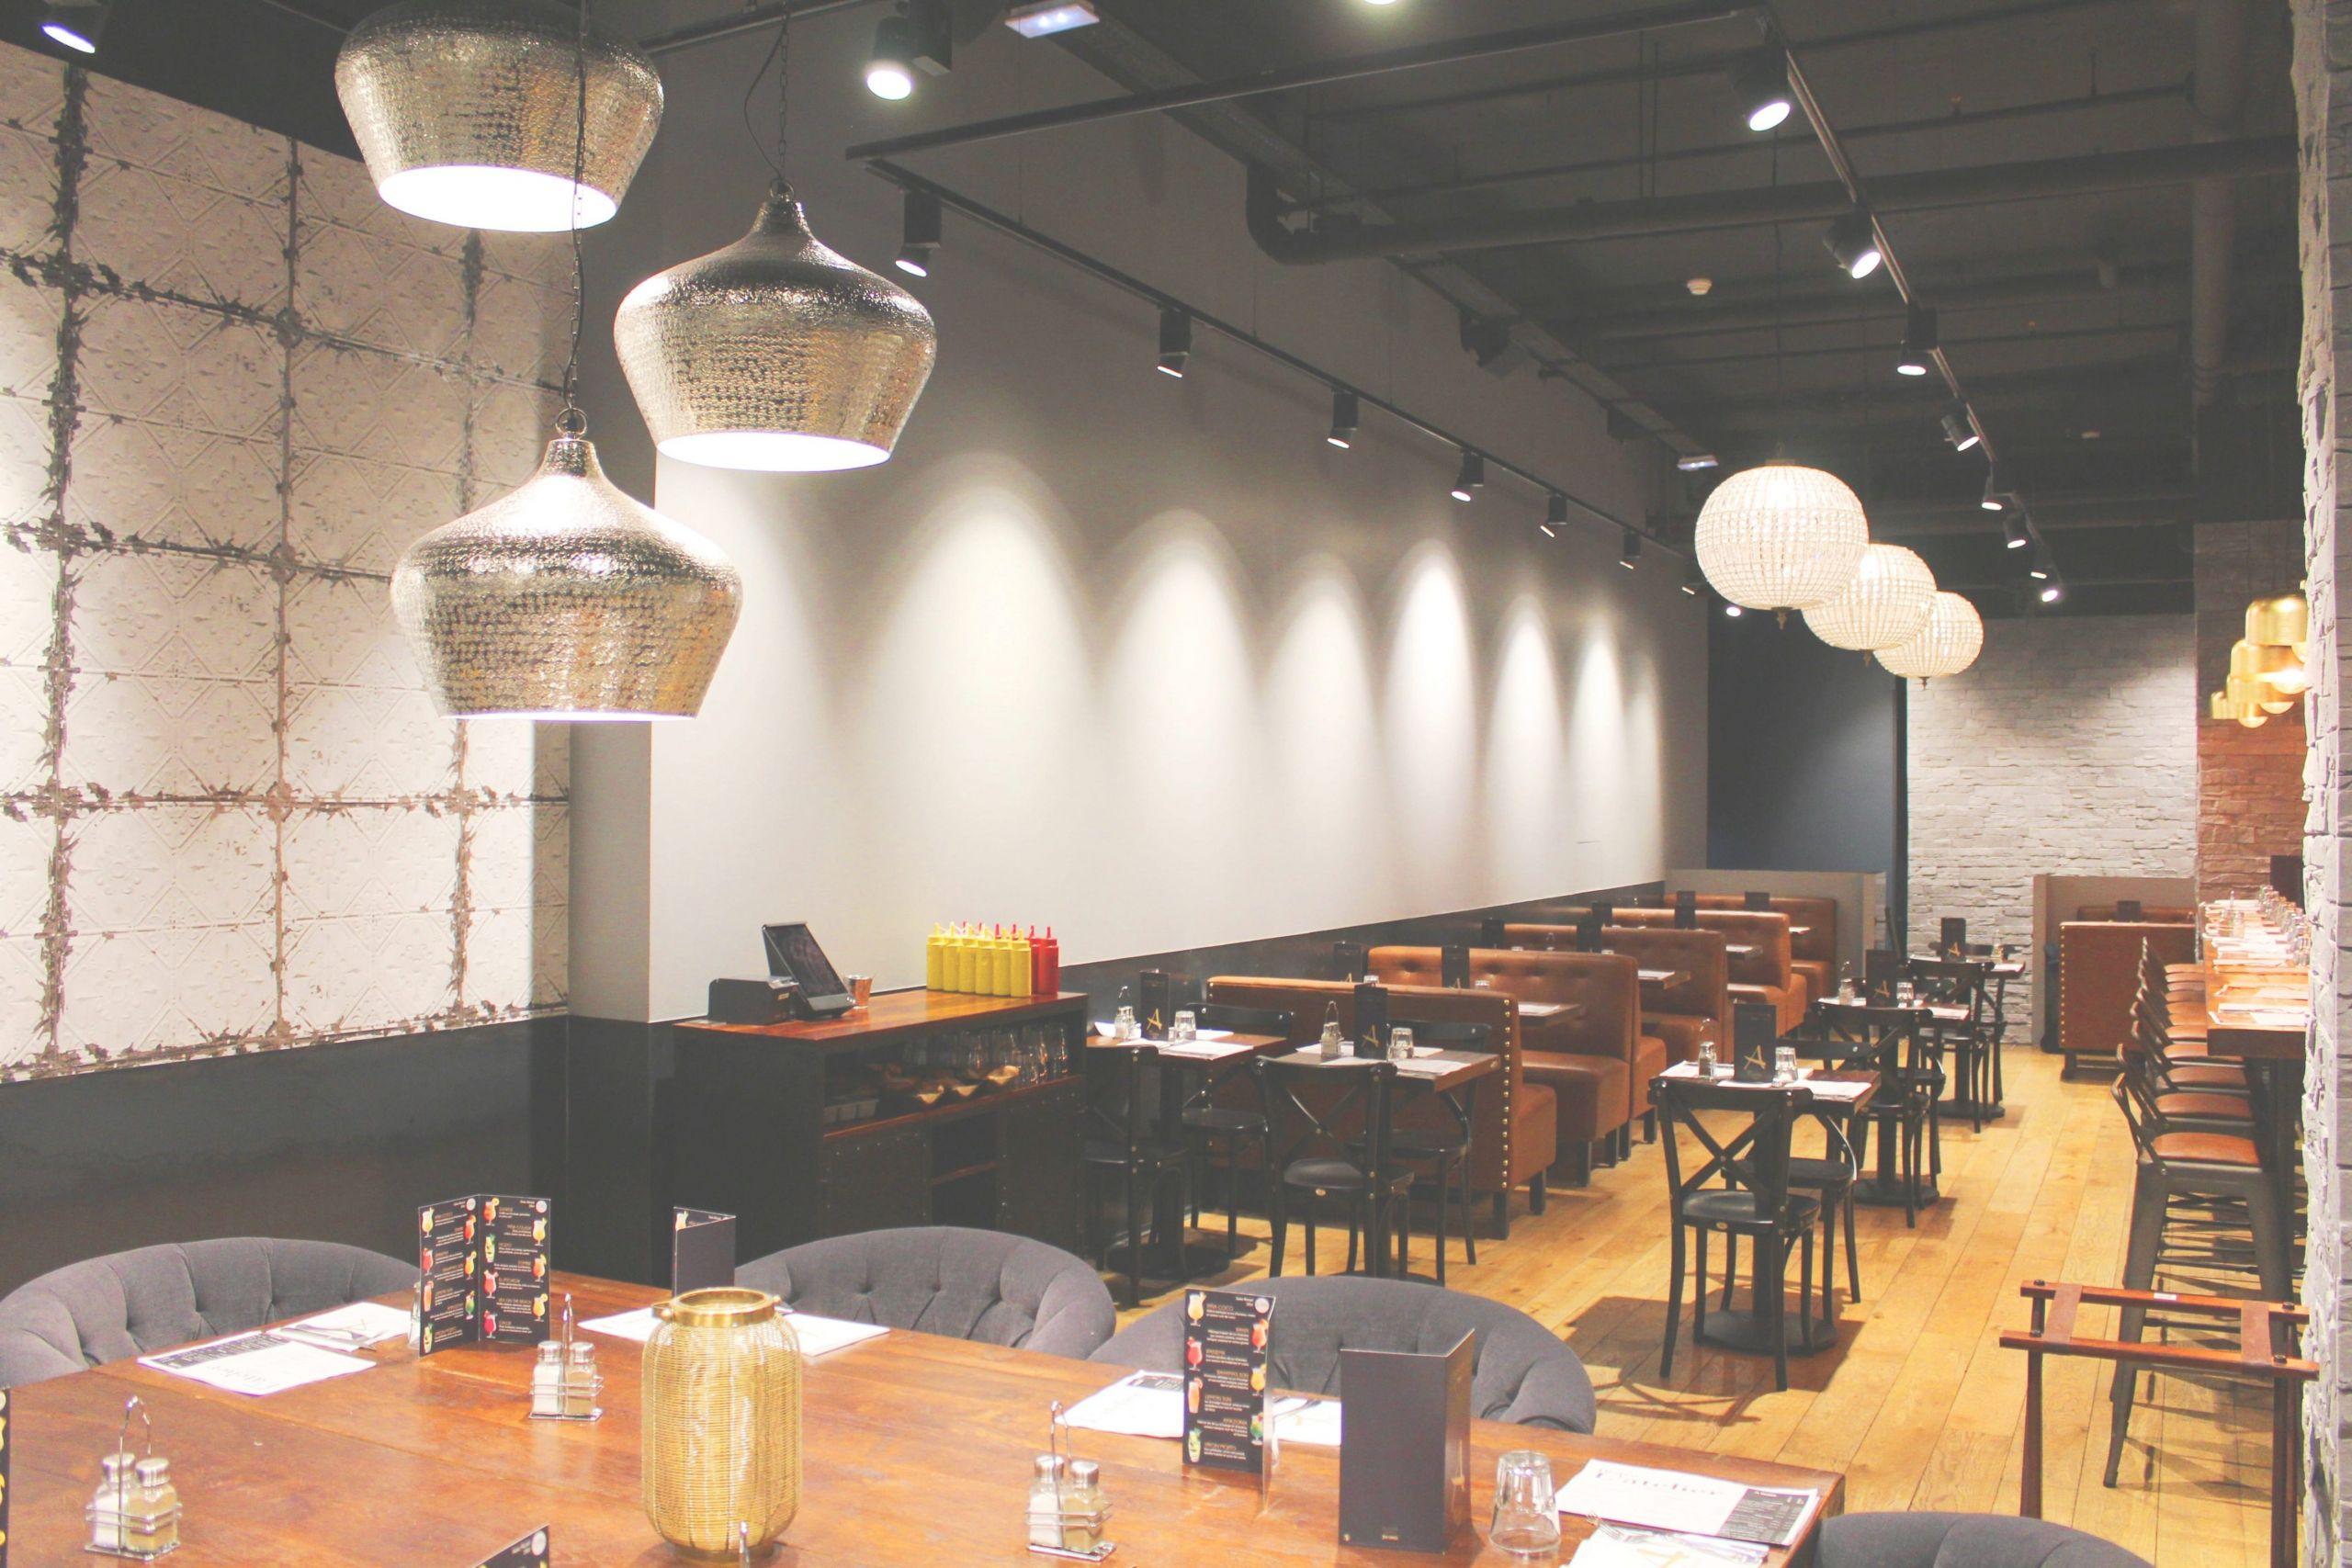 minimaliste table chaise terrasse restaurant occasion les photos charmant et pour table chaise terrasse restaurant occasion cool mobilier chr pour professionnel bar restauranttable